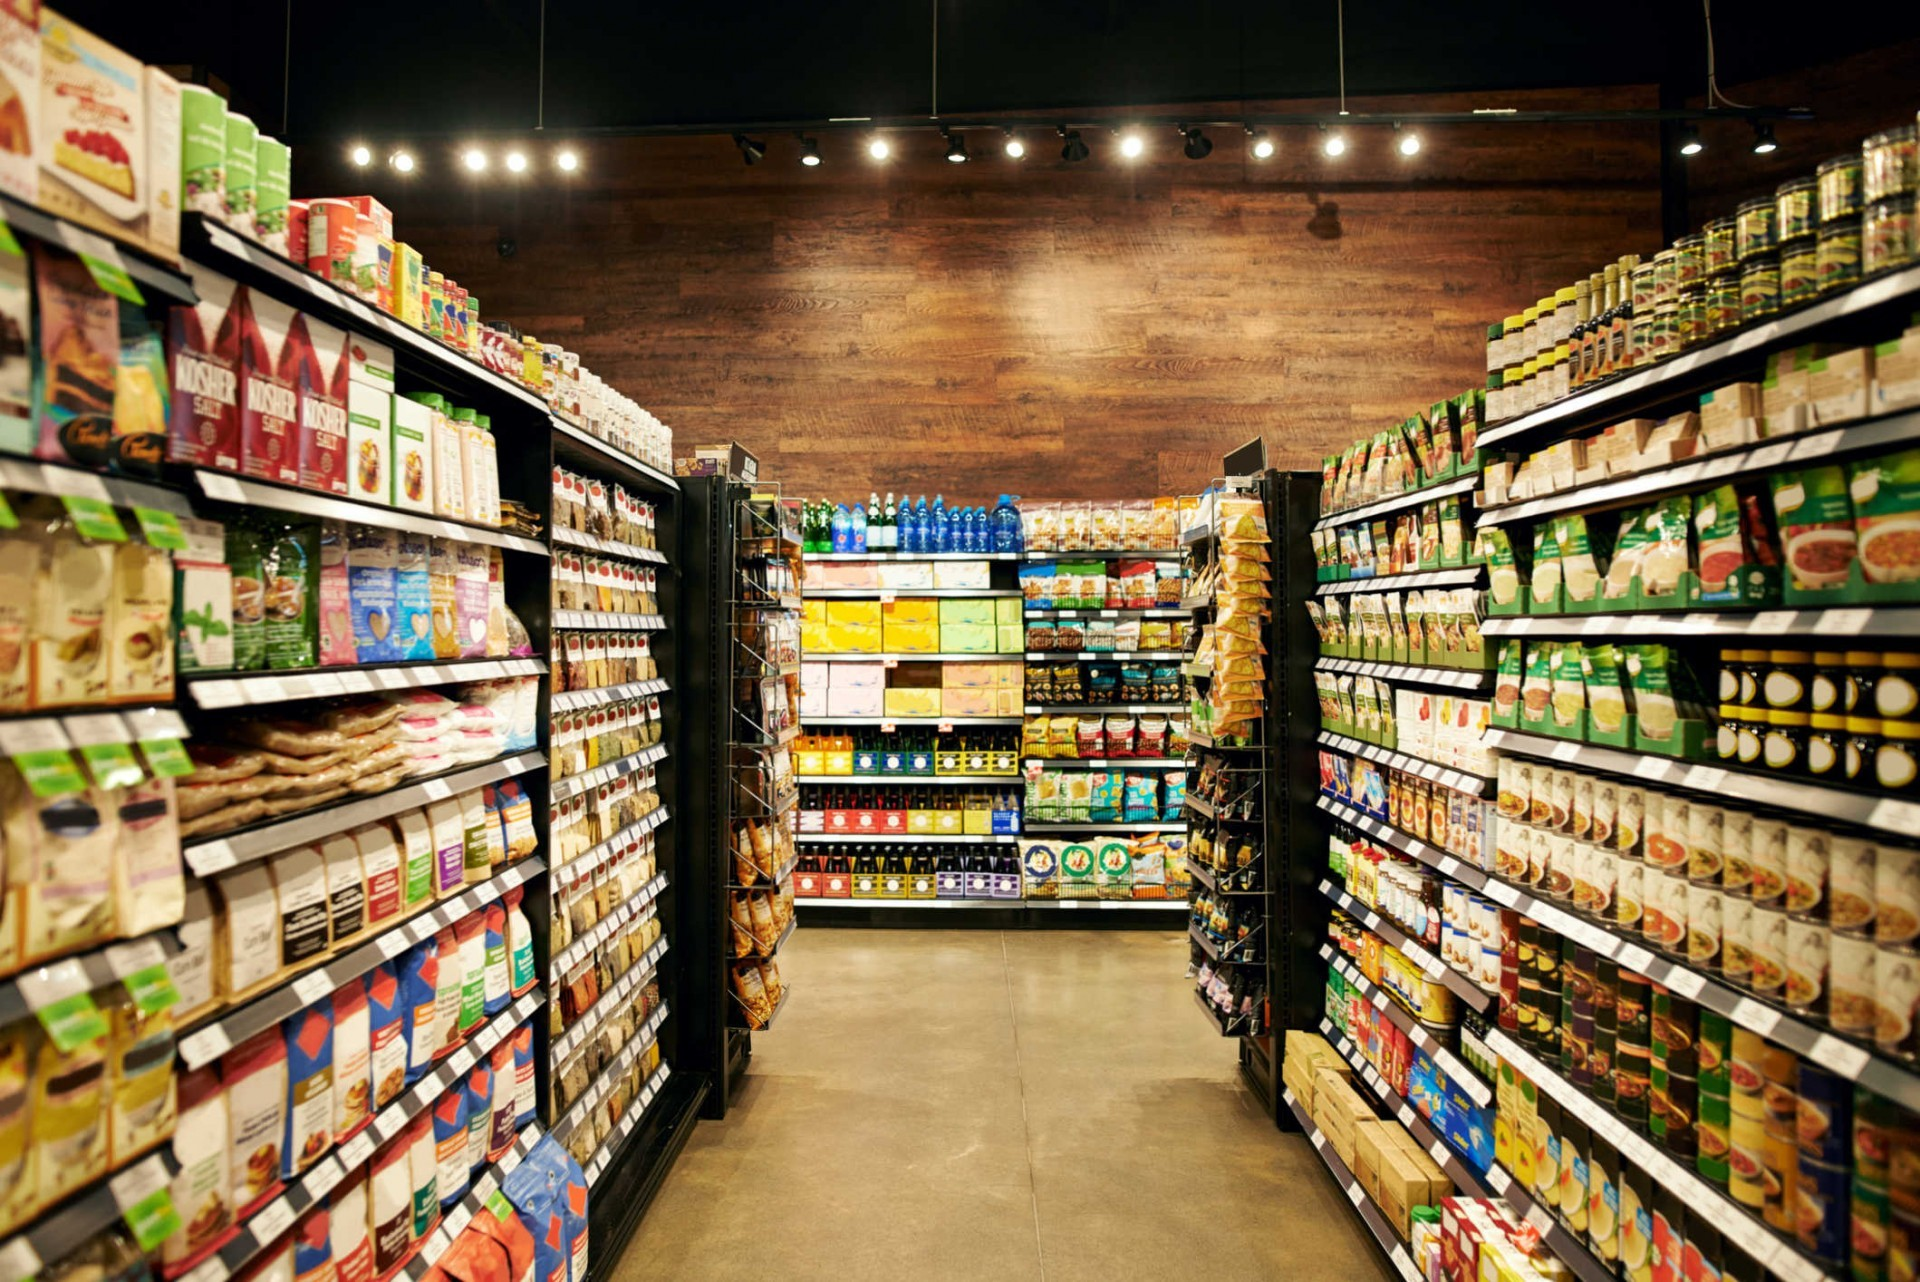 ביטוח אקסטרא לחנויות הפניקס חברה לביטוח